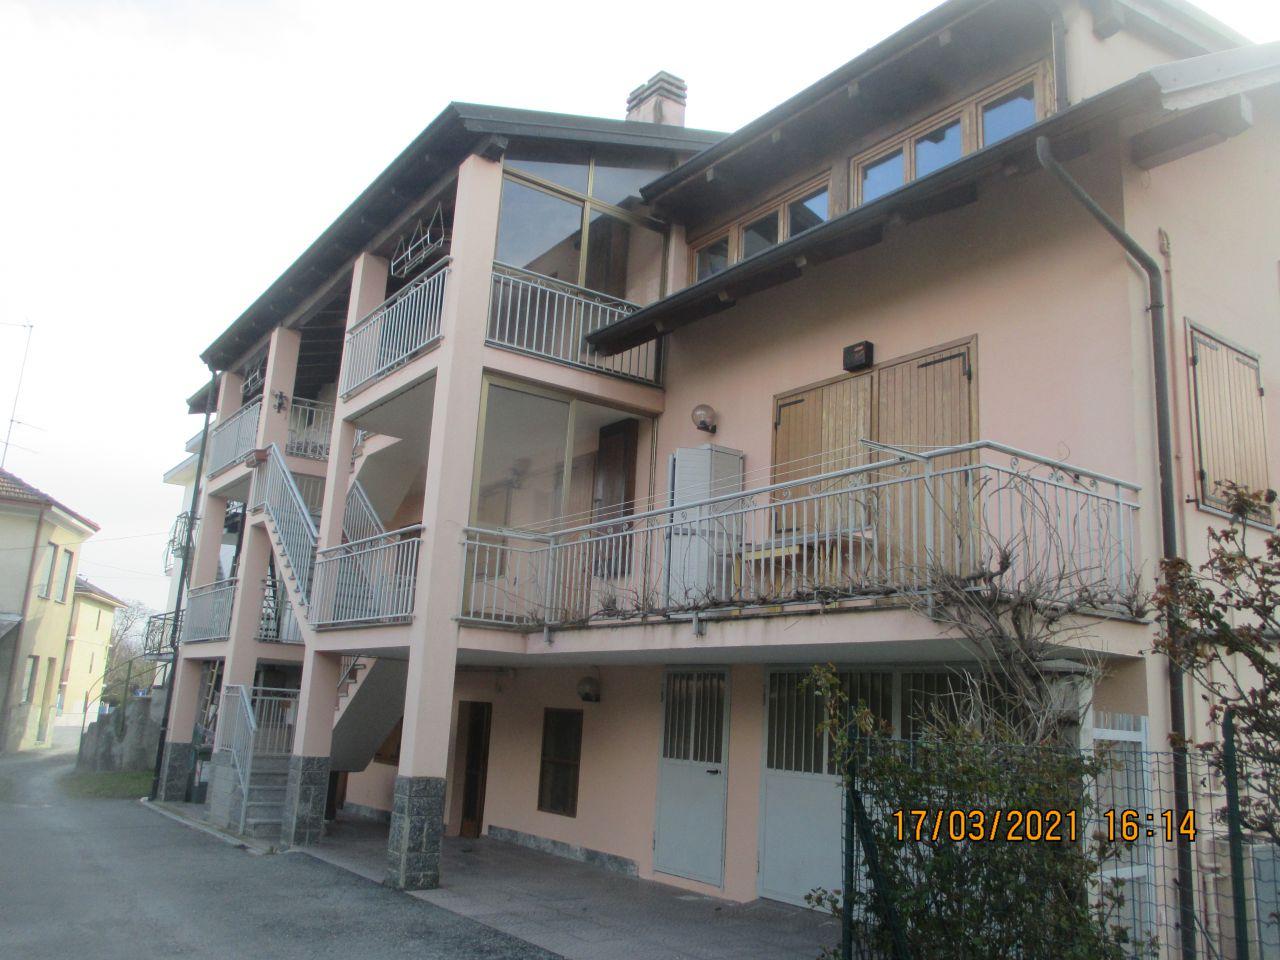 Soluzione Semindipendente in vendita a Villar Dora, 6 locali, prezzo € 235.000 | PortaleAgenzieImmobiliari.it